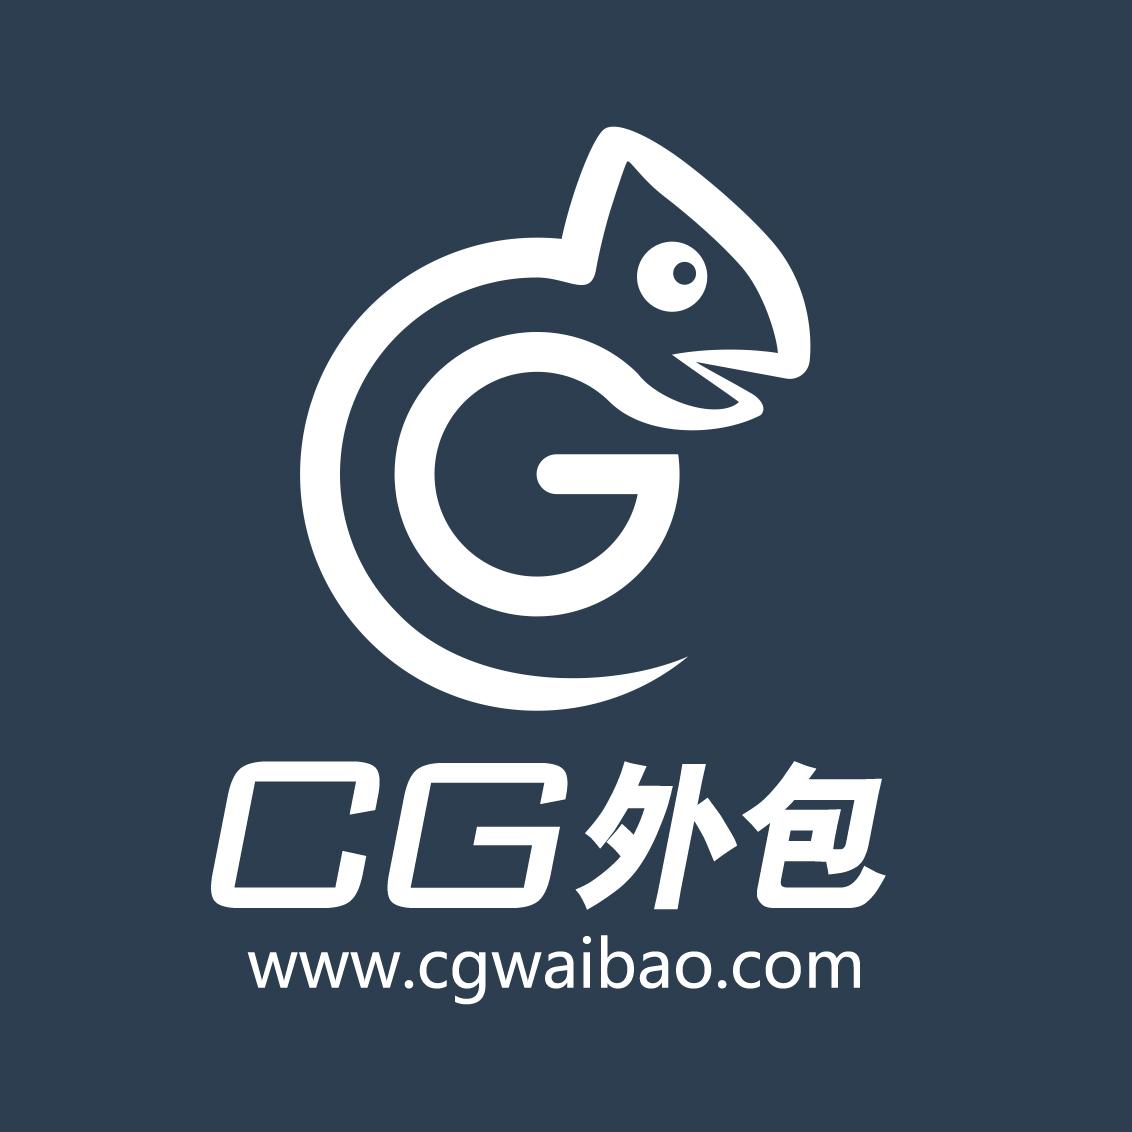 极客工场(北京)网络科技有限公司